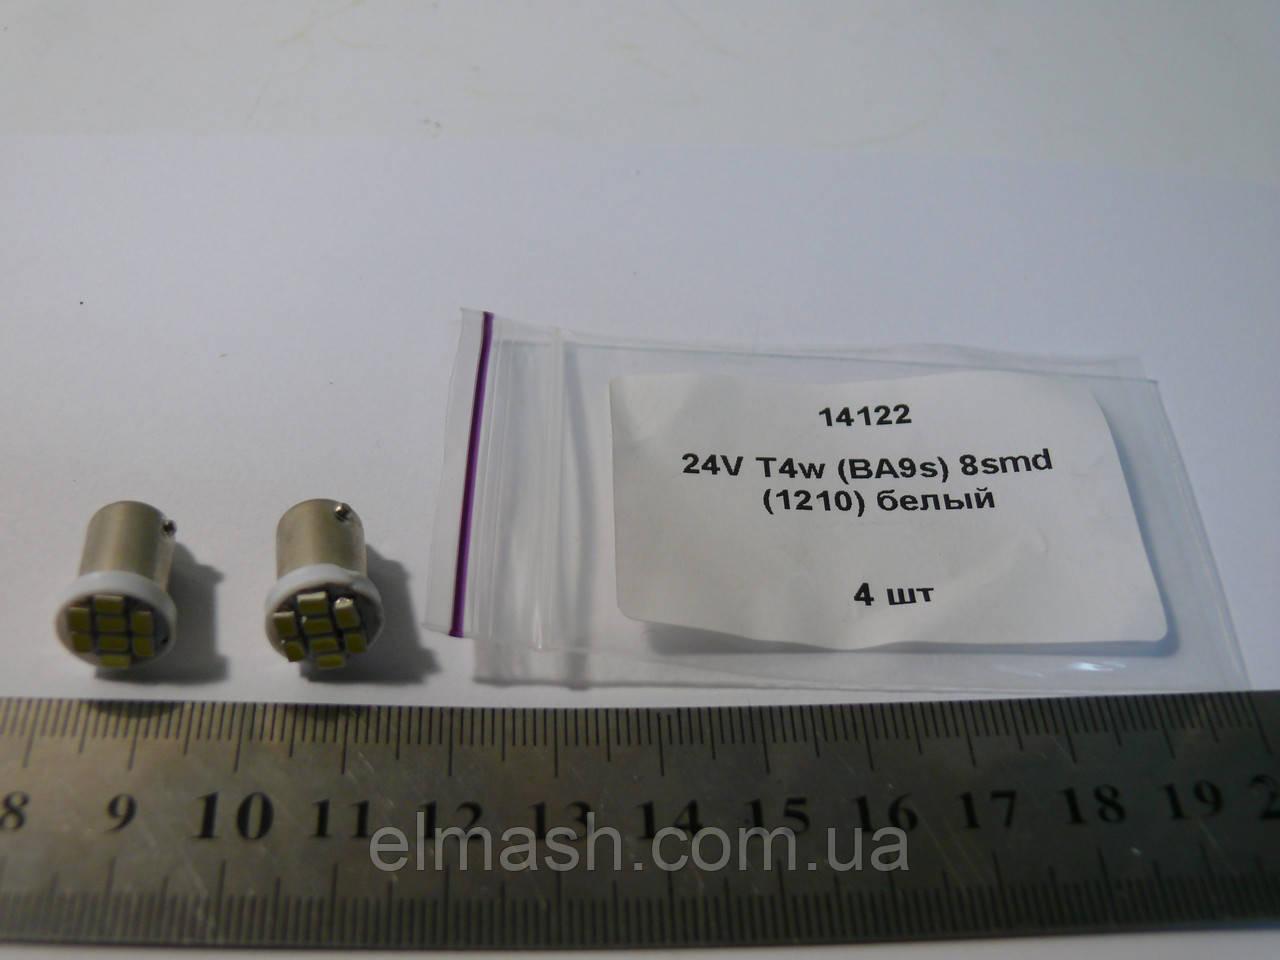 Светодиодная (LED 14122) лампочка с цоколем T4W-BA9s.